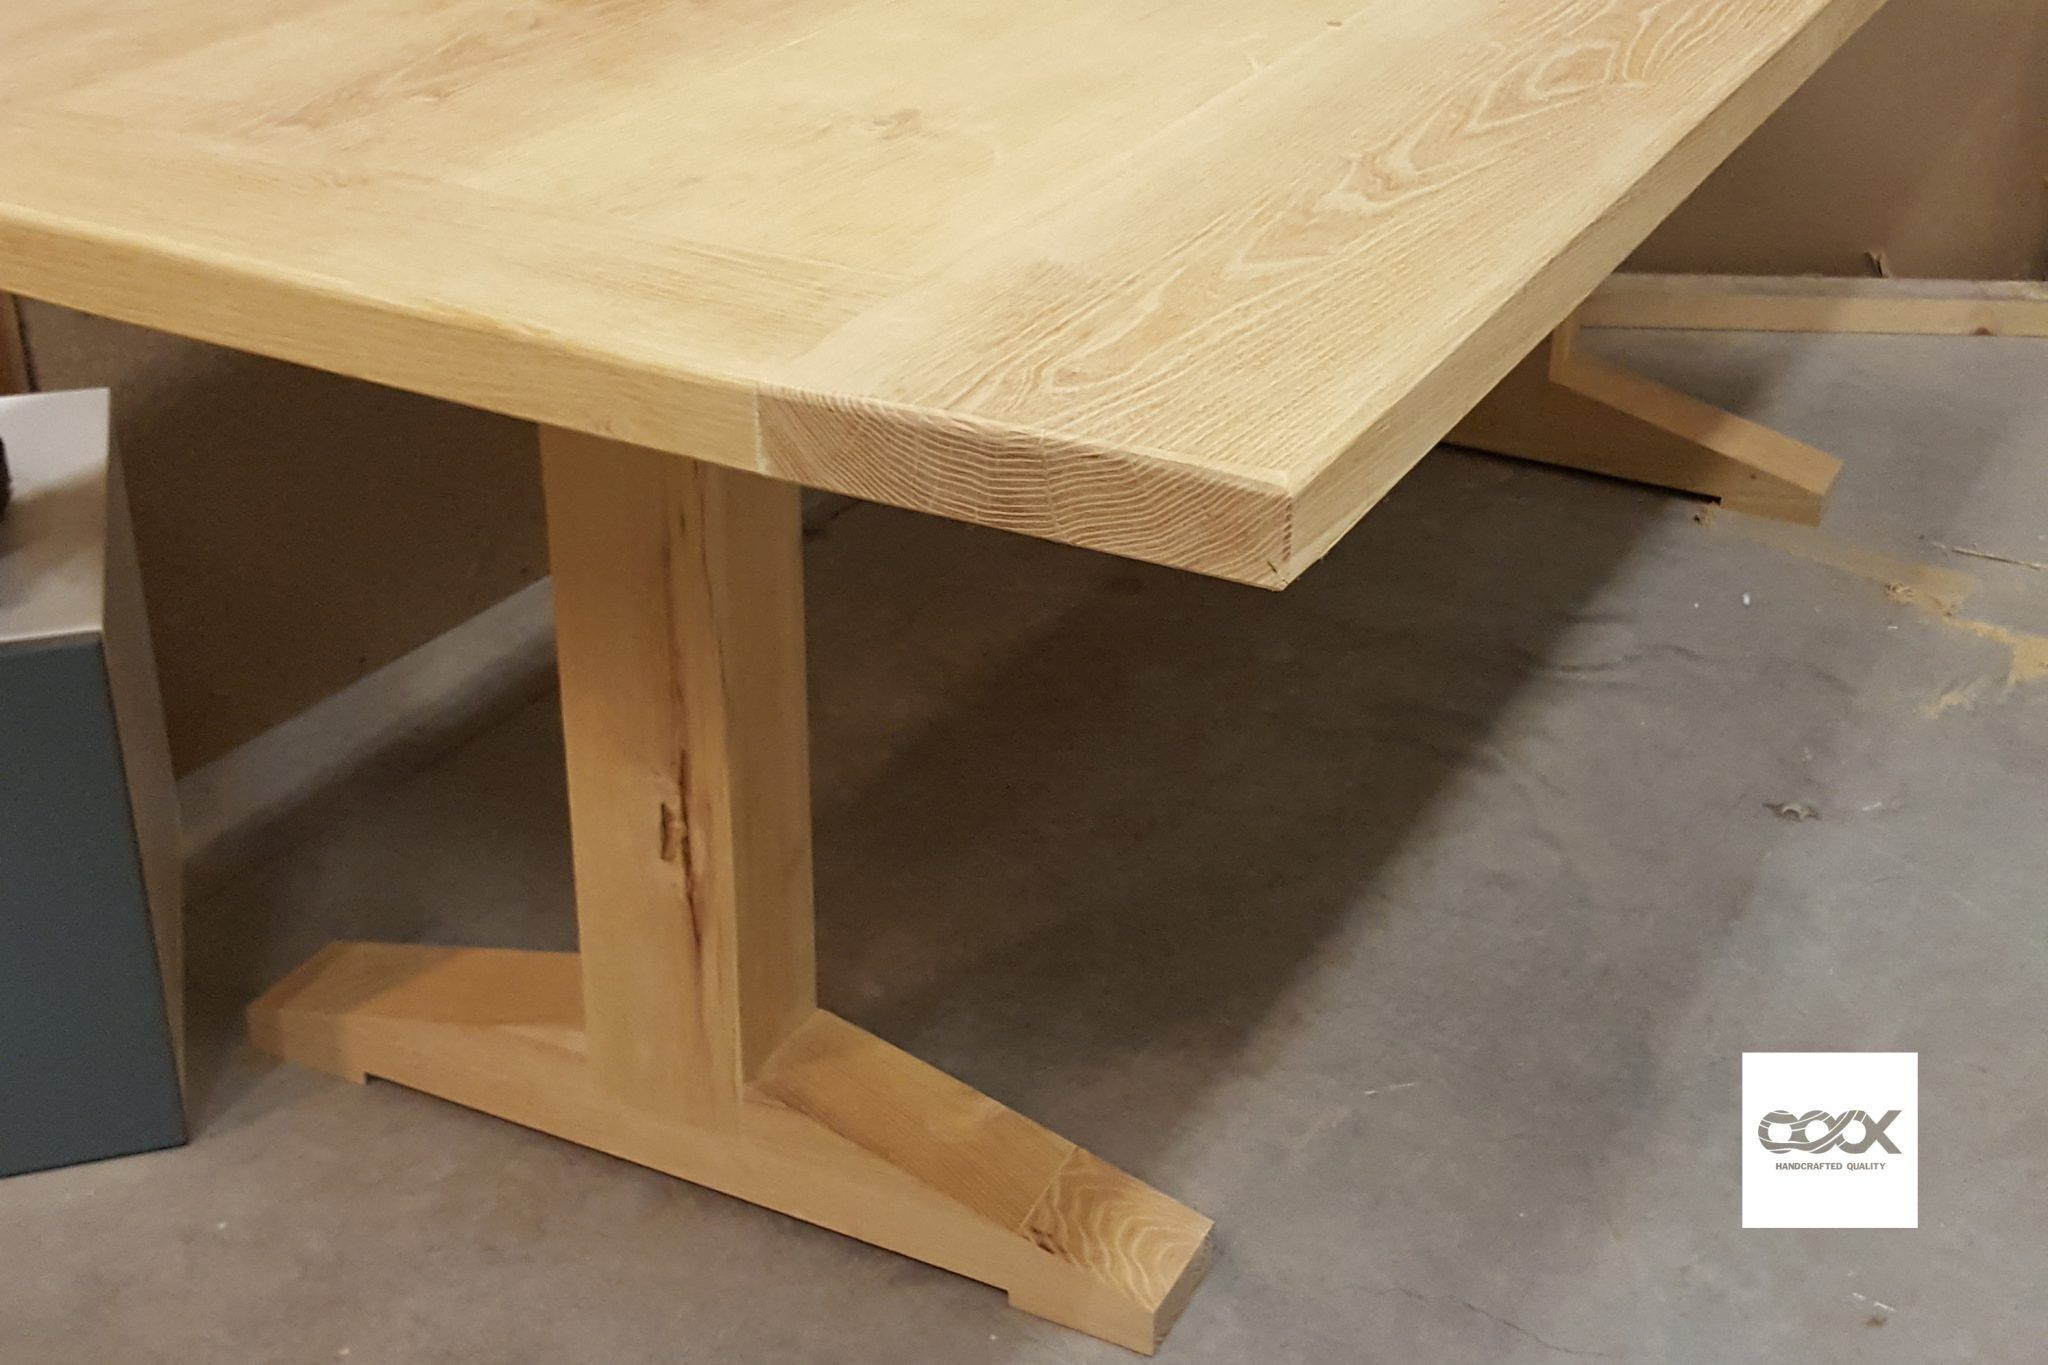 Hardhouten Uitschuifbare Eettafel.Acacia Houten Tafel Klantproject Een Project Voor Een Klant En